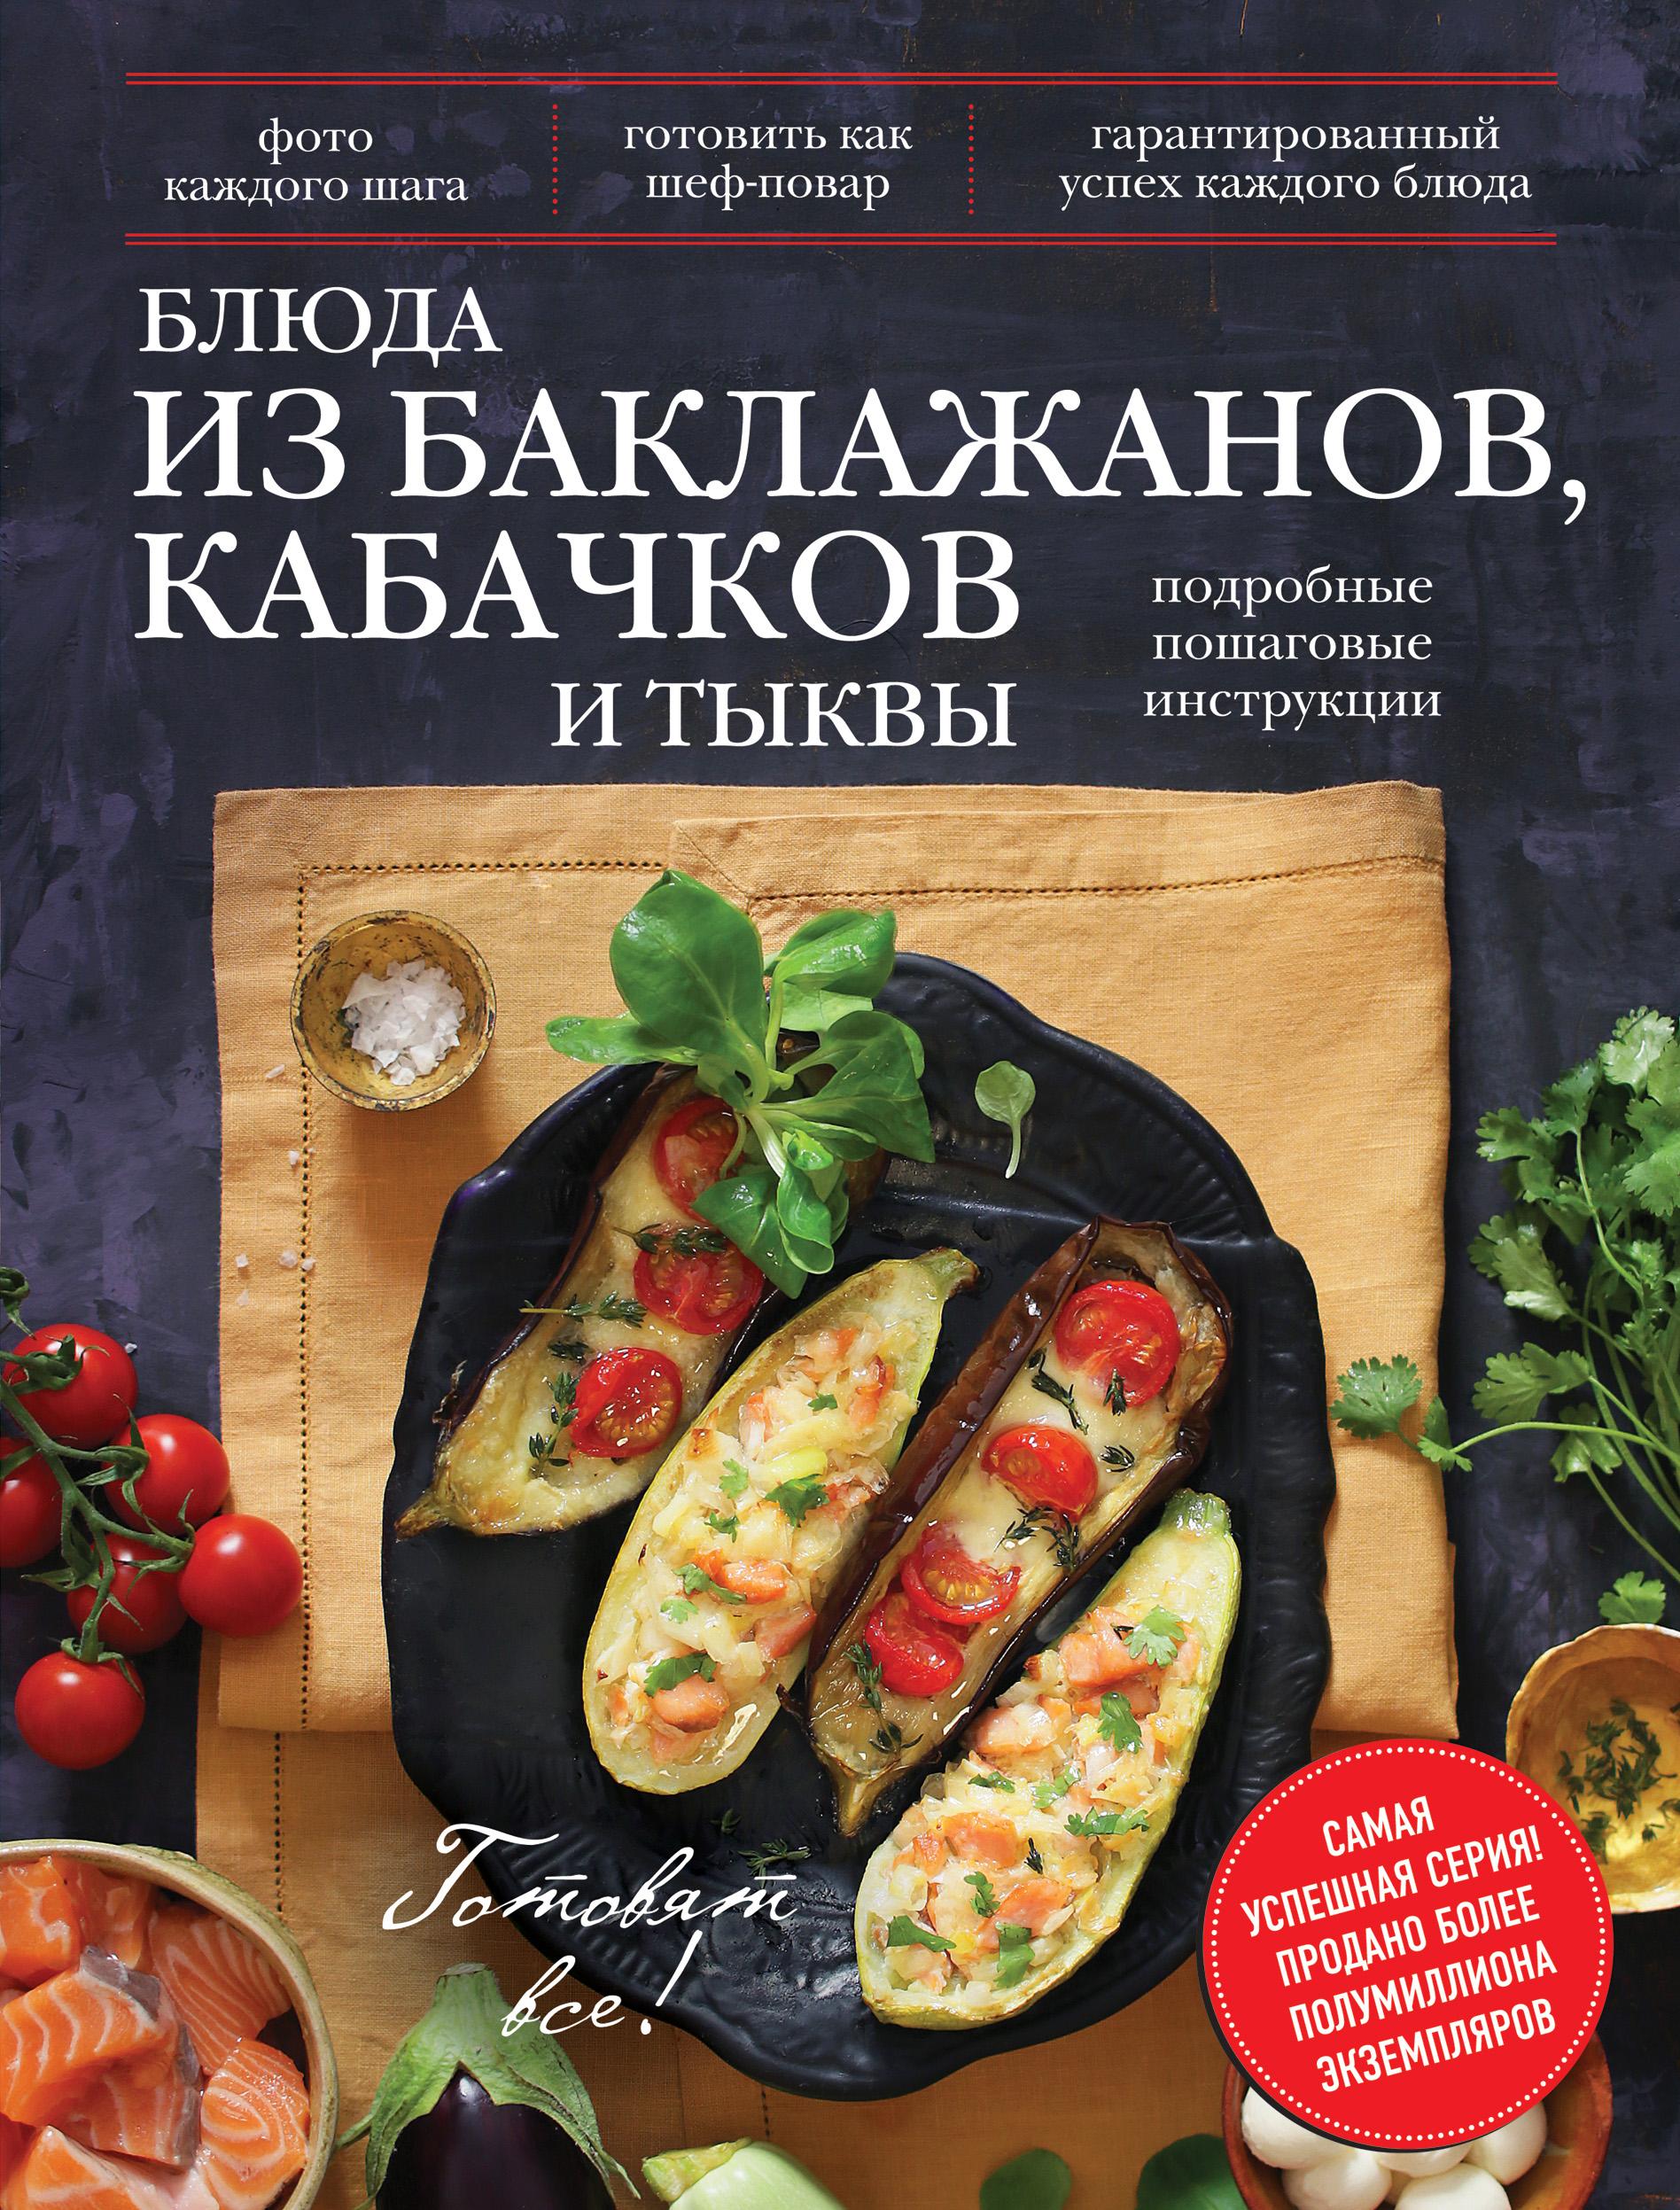 Блюда из баклажанов, кабачков и тыквы отсутствует блюда из баклажанов кабачков патиссонов